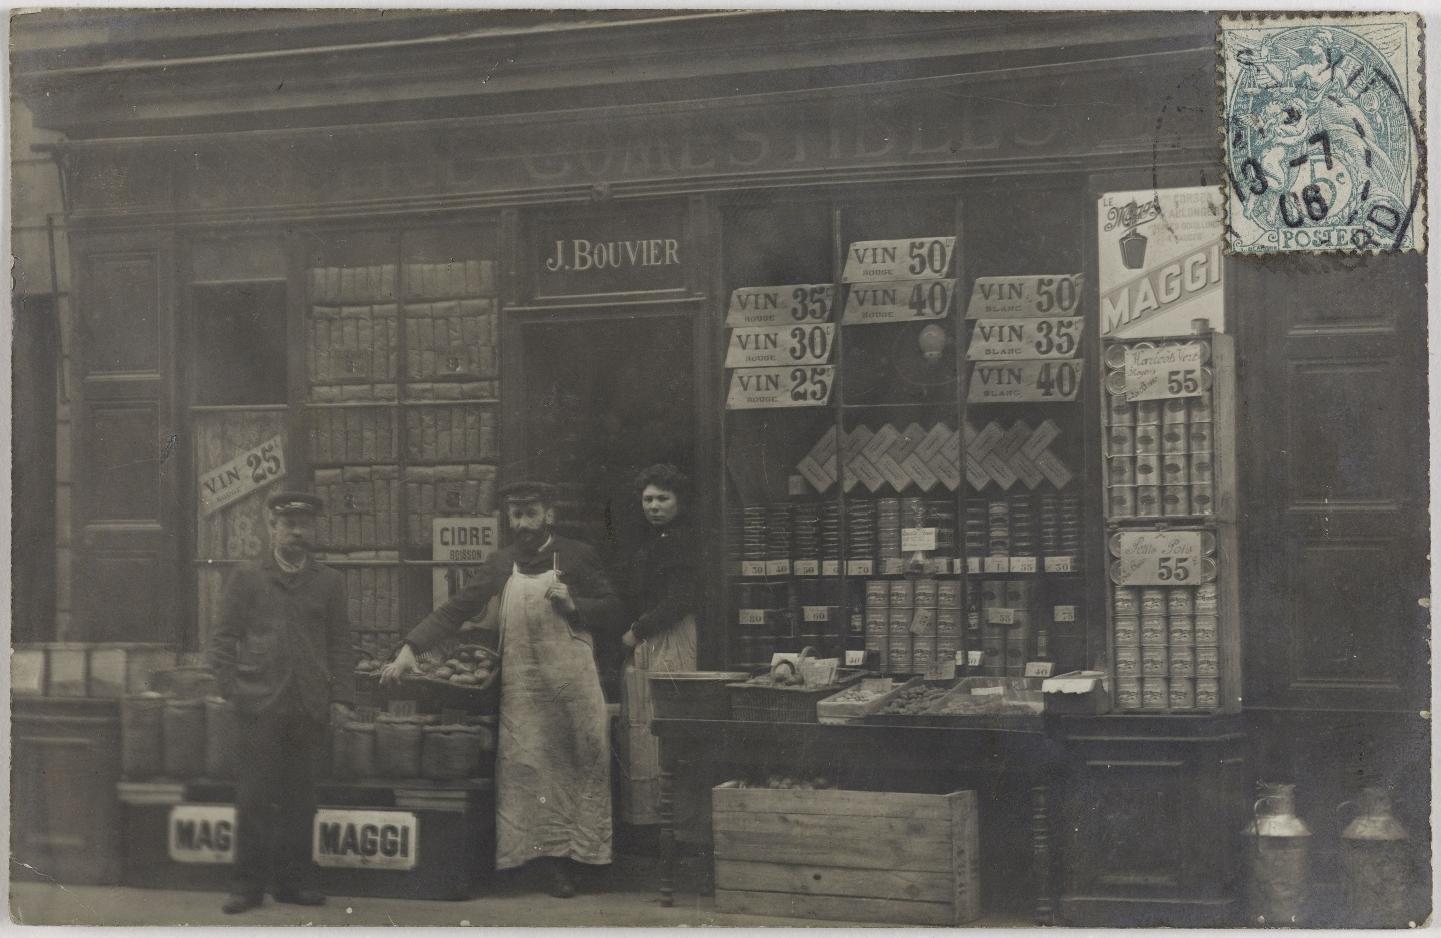 1906. Продукты и алкоголь.186, rue de Charenton (12-й округ). Сейчас Агентство недвижимости